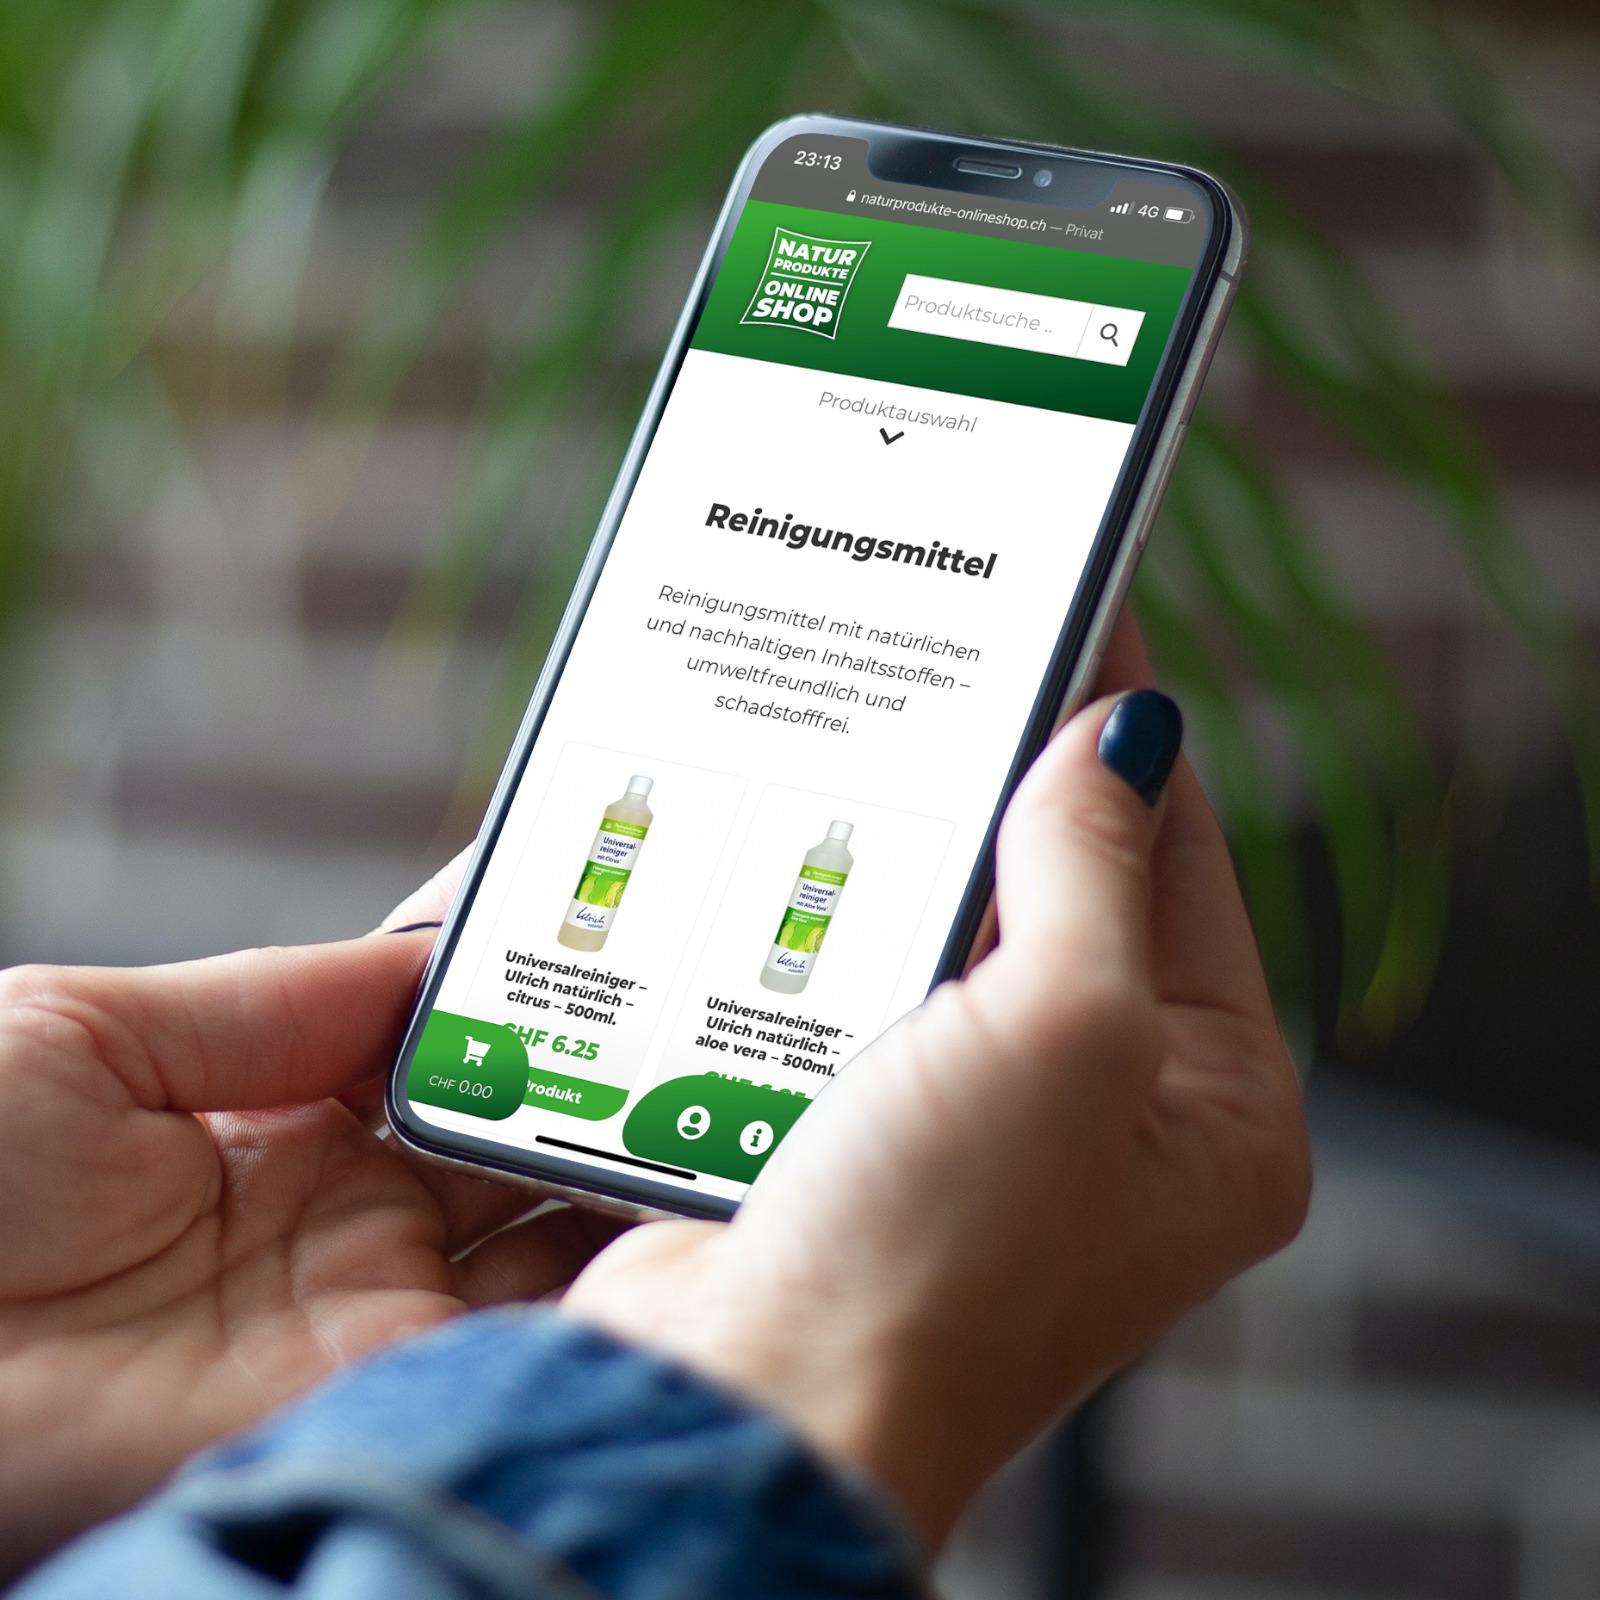 Online Shop für Naturprodukte